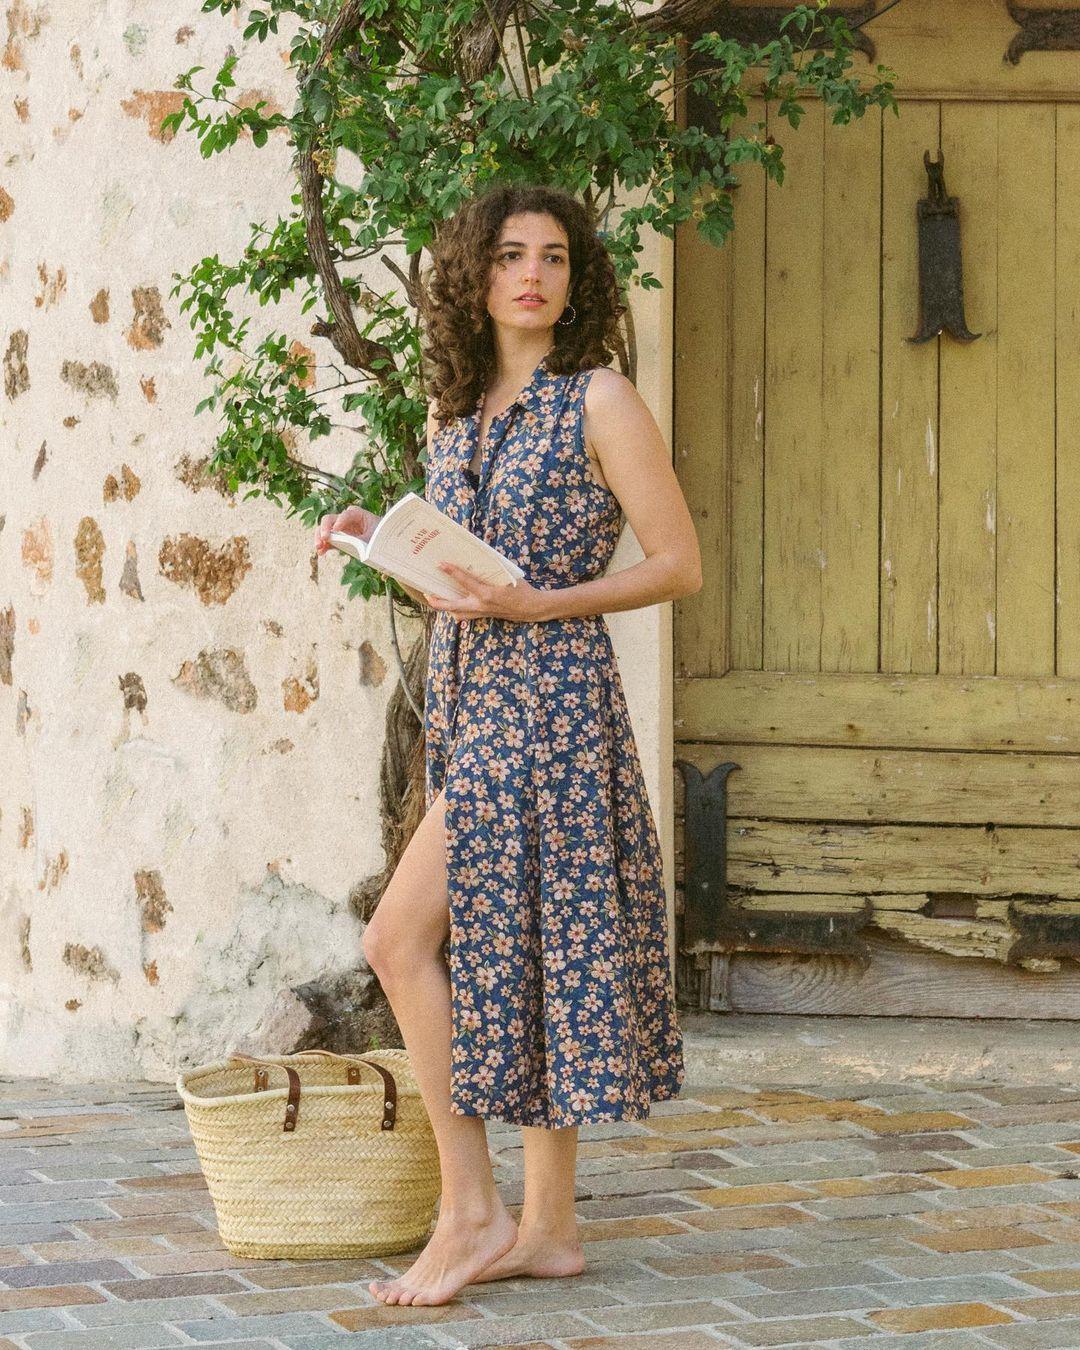 Quý cô người Pháp có style chuẩn nàng thơ: Không thể sống thiếu váy quấn, diện đồ 'hoa lá hẹ' mà vẫn rất mực tinh tế - Ảnh 7